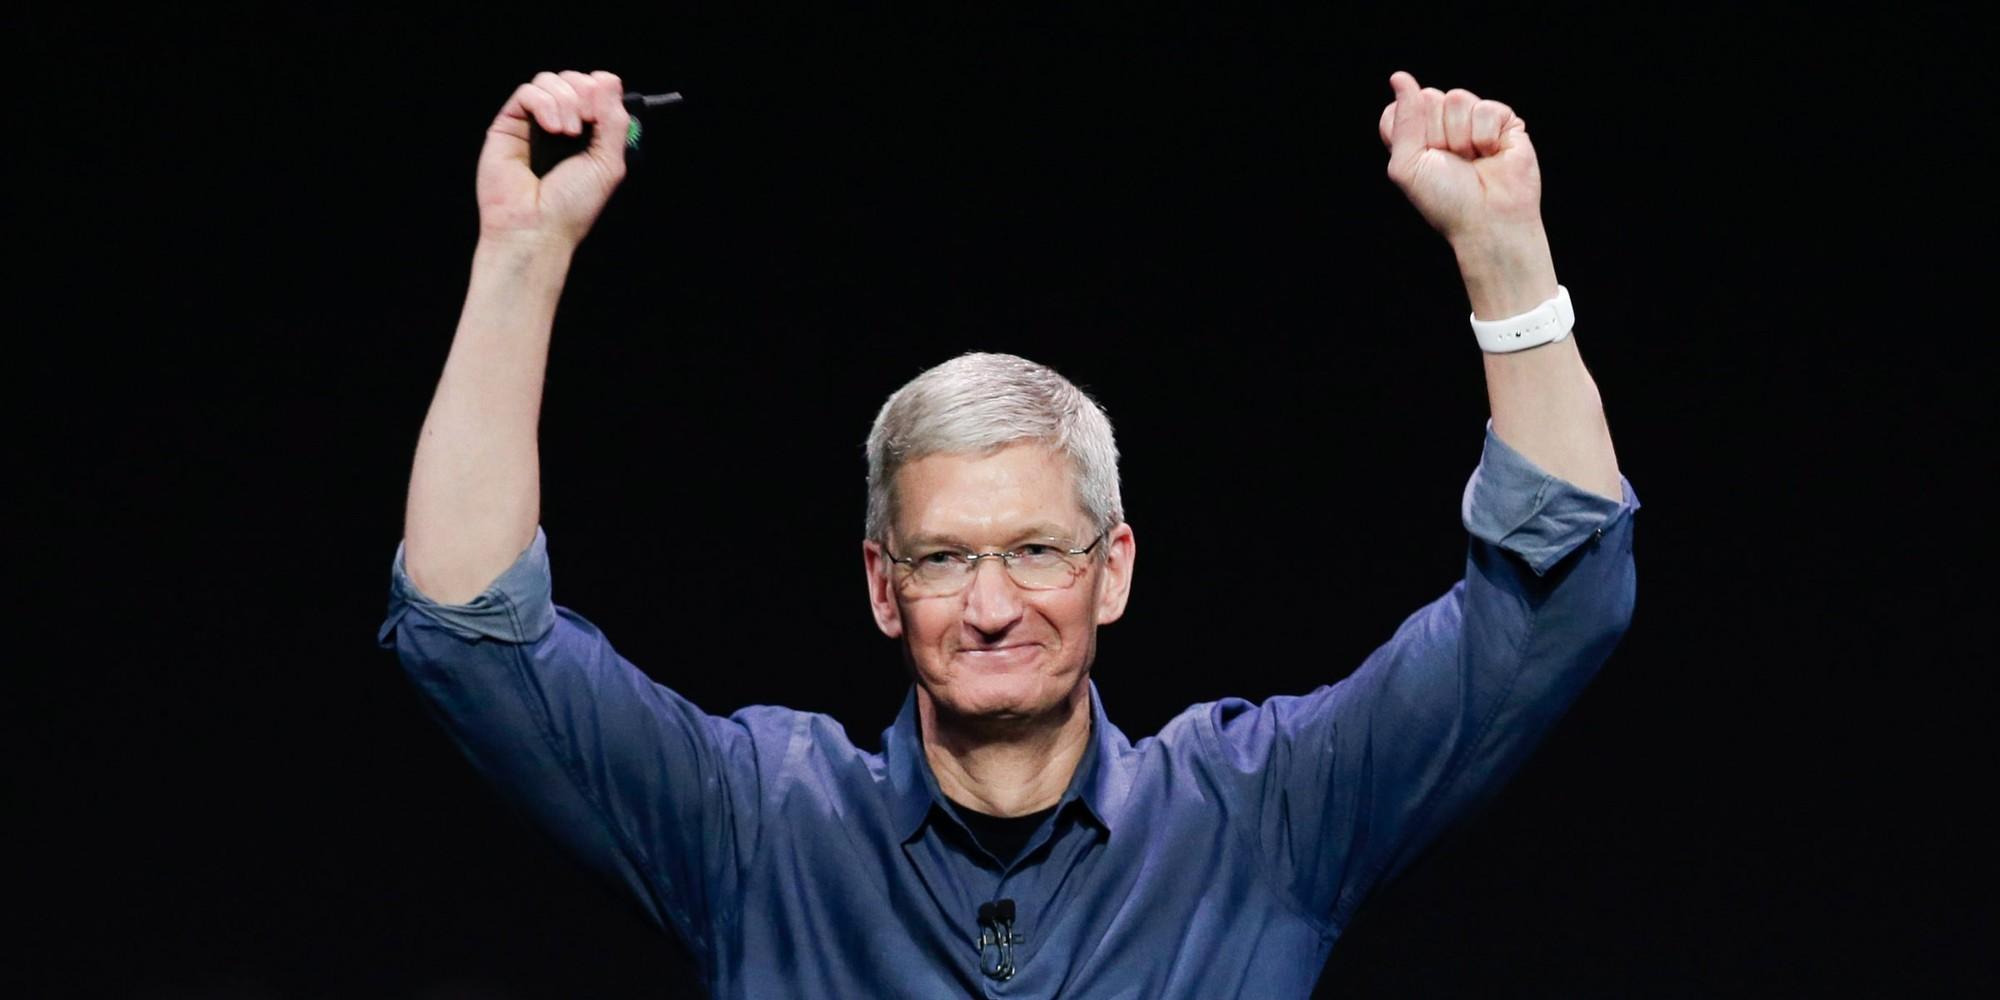 13 cột mốc ấn tượng của Apple trong hành trình trở thành công ty công nghệ nghìn tỉ đô đầu tiên trên thế giới - Ảnh 15.